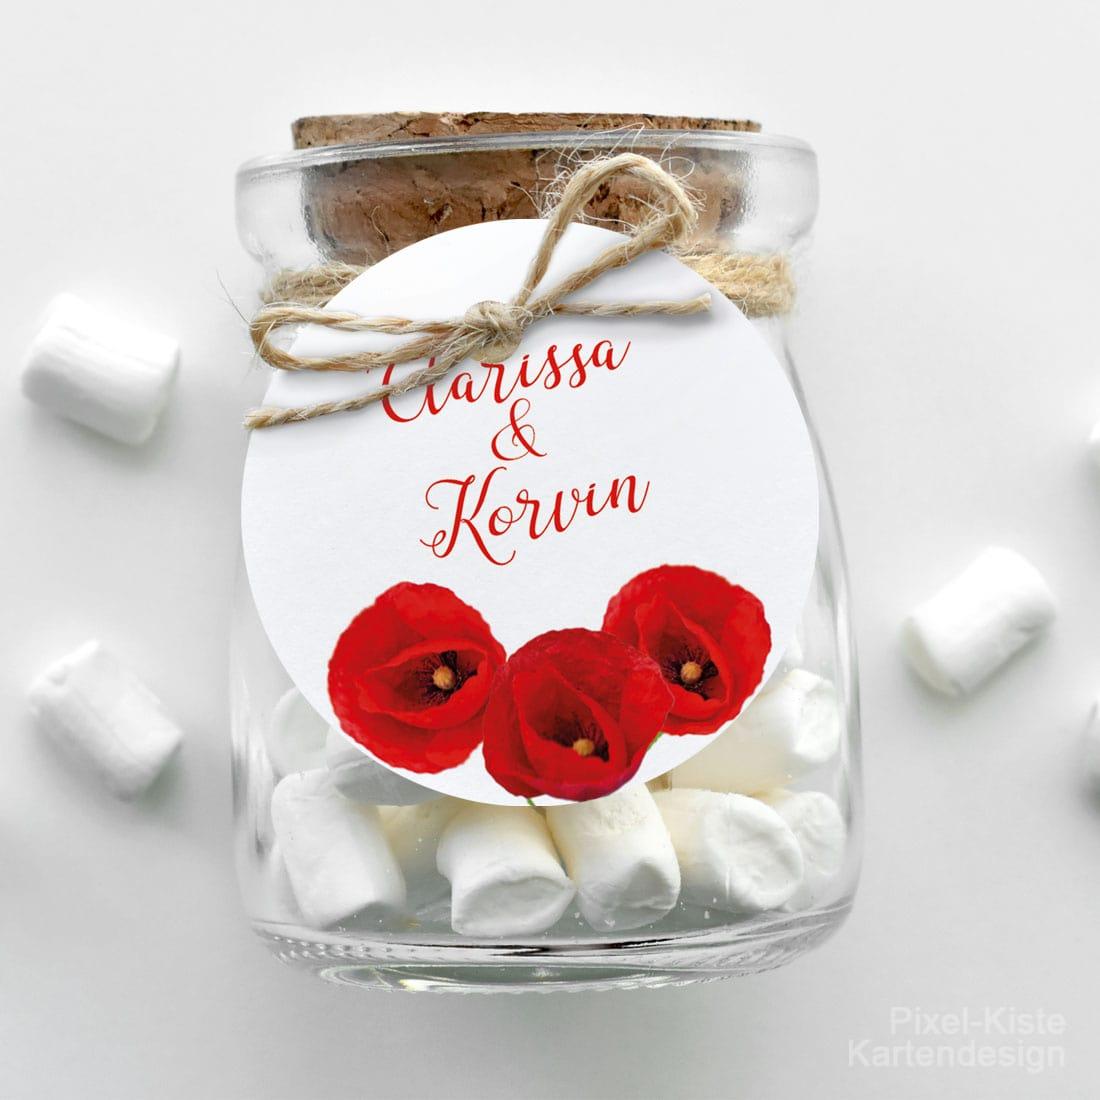 Giveaway Hochzeit: Geschenkanhänger Gastgeschenk Giveaway Einladung Hochzeit